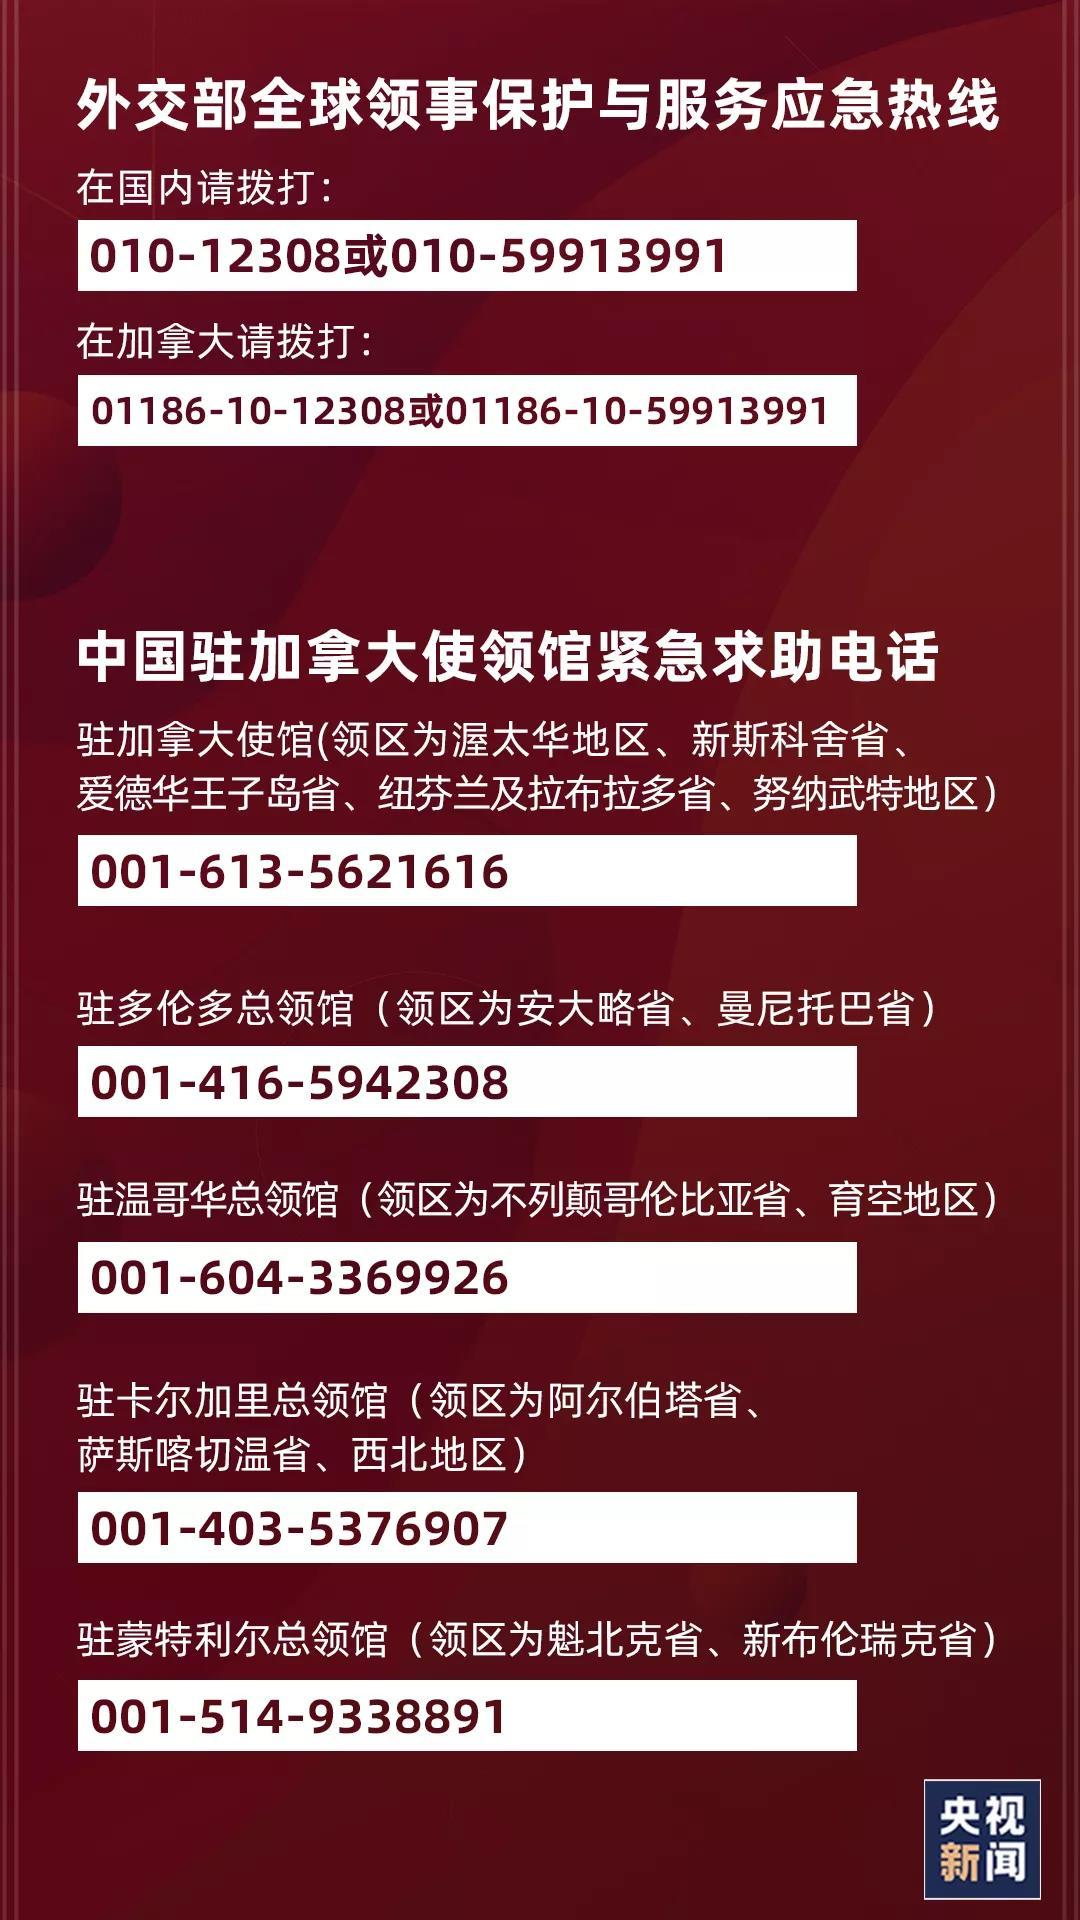 12名中国留学生在加拿大聚会致群体性感染,中使馆紧急提醒图片